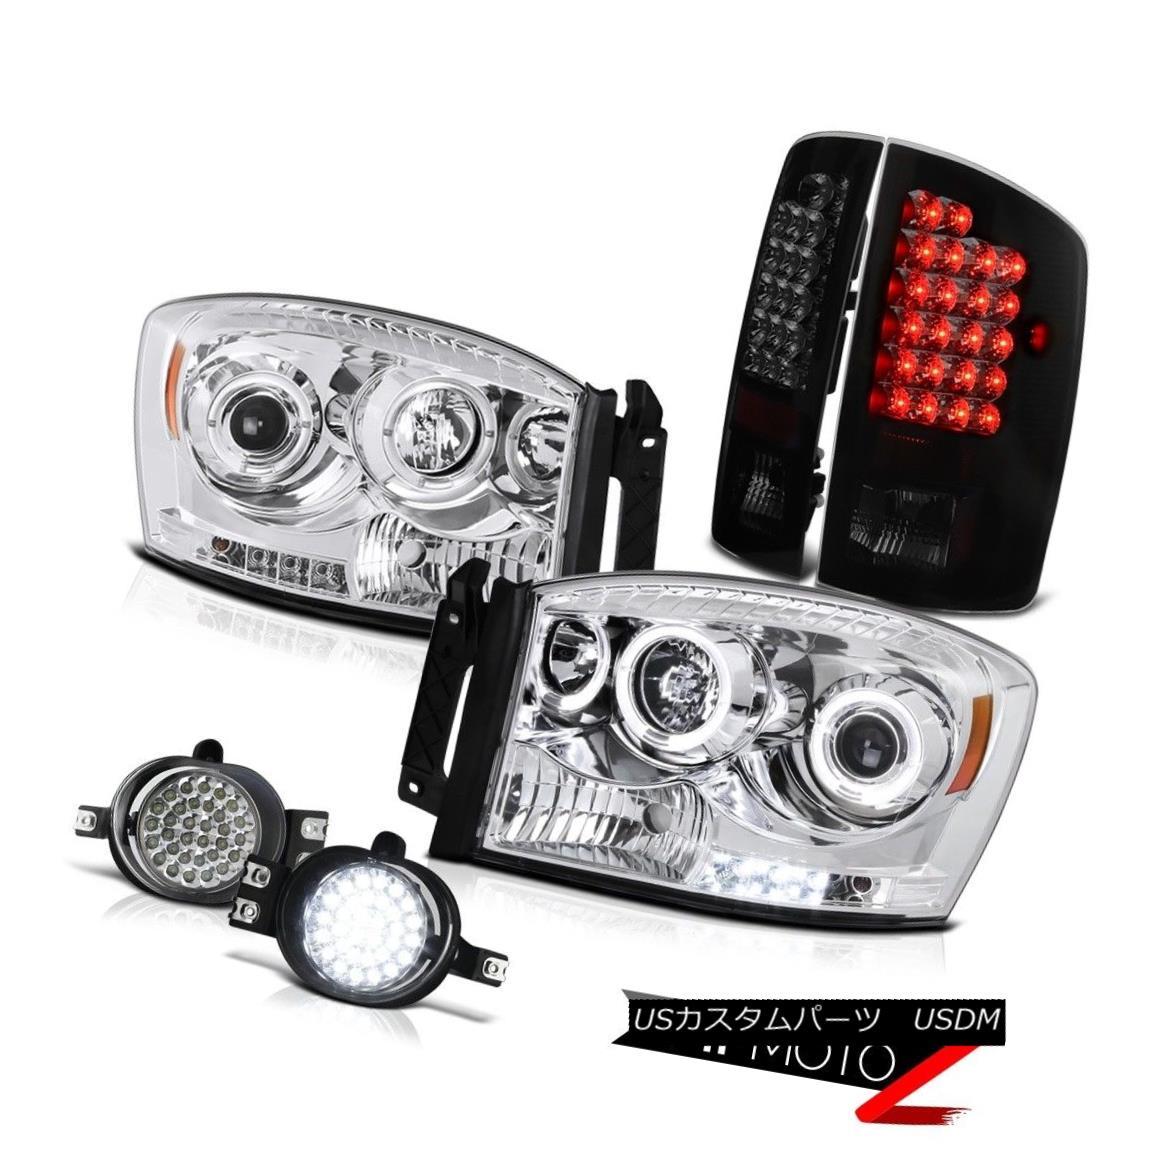 テールライト Dodge Ram 2007 2008 FULL LED Fog Light+Smoke Tail Light+Halo Projector Headlight Dodge Ram 2007 2008フルLEDフォグライト+スモークテールライト+ハロープロジェクターヘッドライト